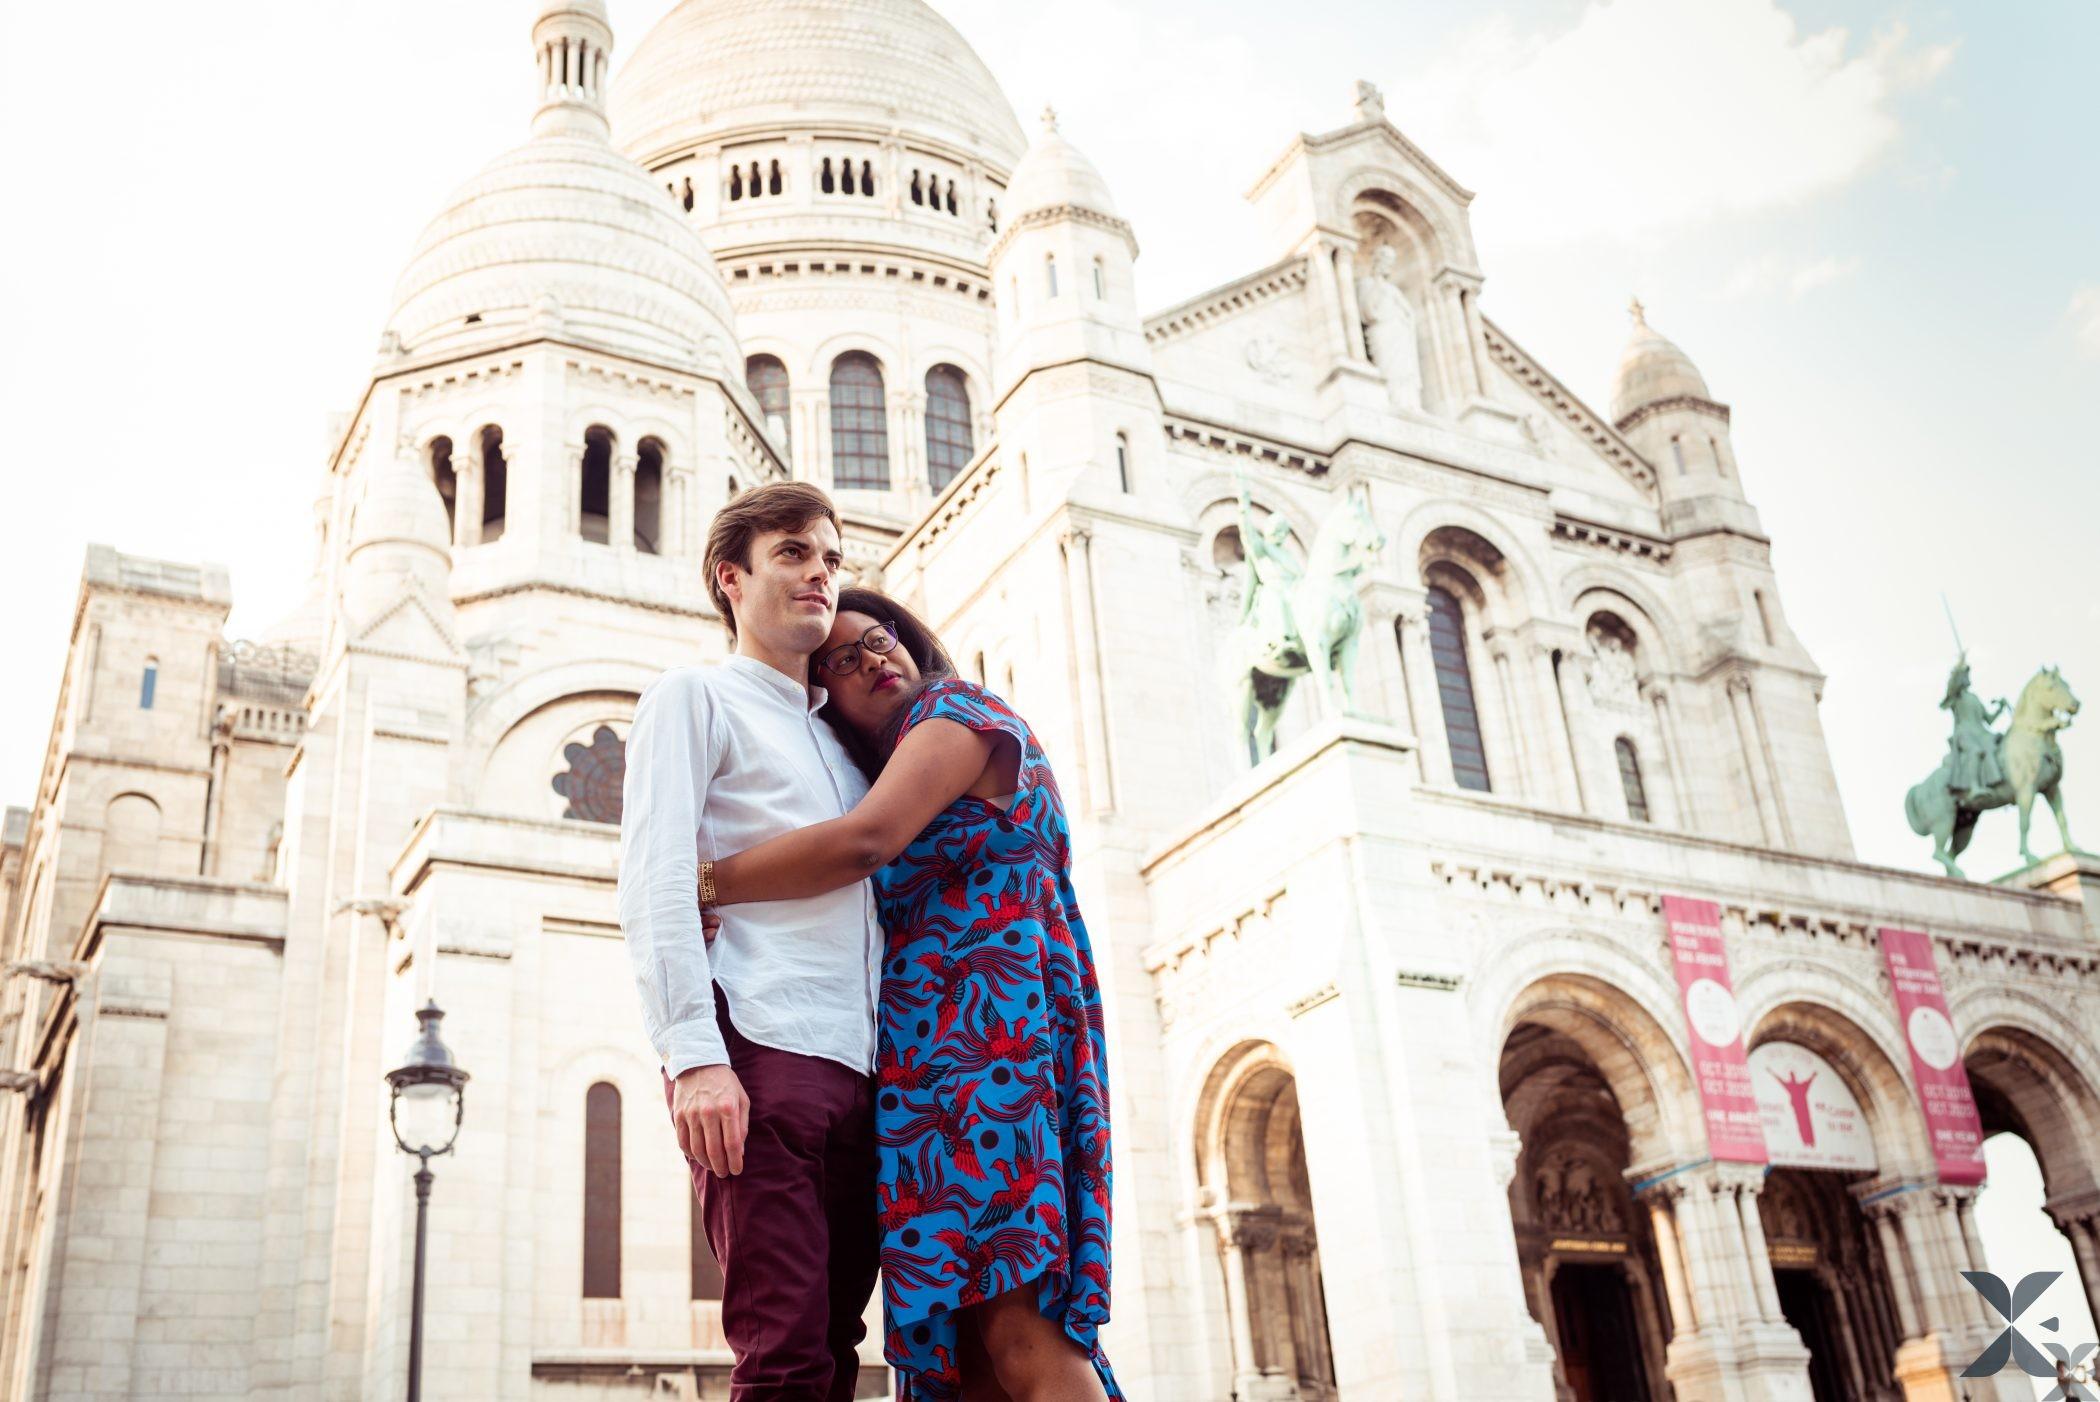 Photographe Chelles Ile De France Et Paris Photo Couple Montmartre 7